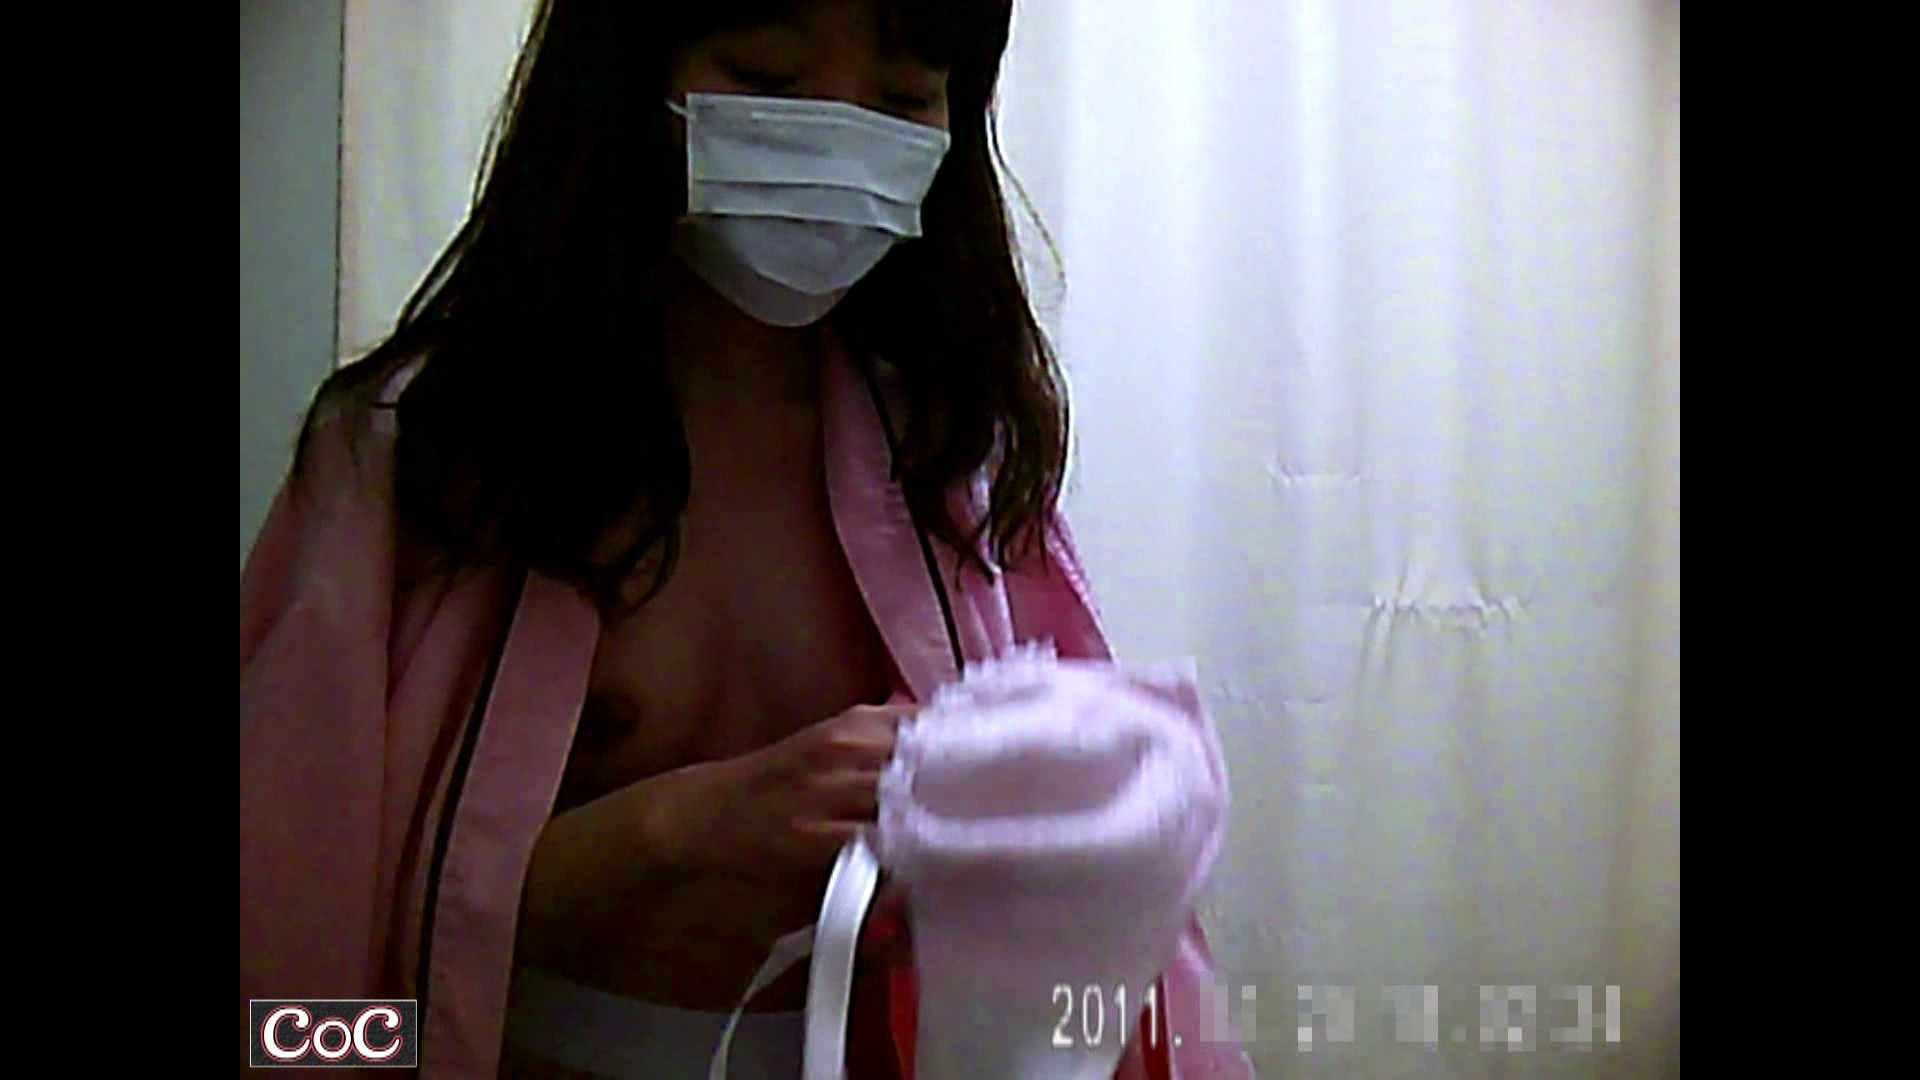 病院おもいっきり着替え! vol.04 巨乳 AV動画キャプチャ 107pic 61